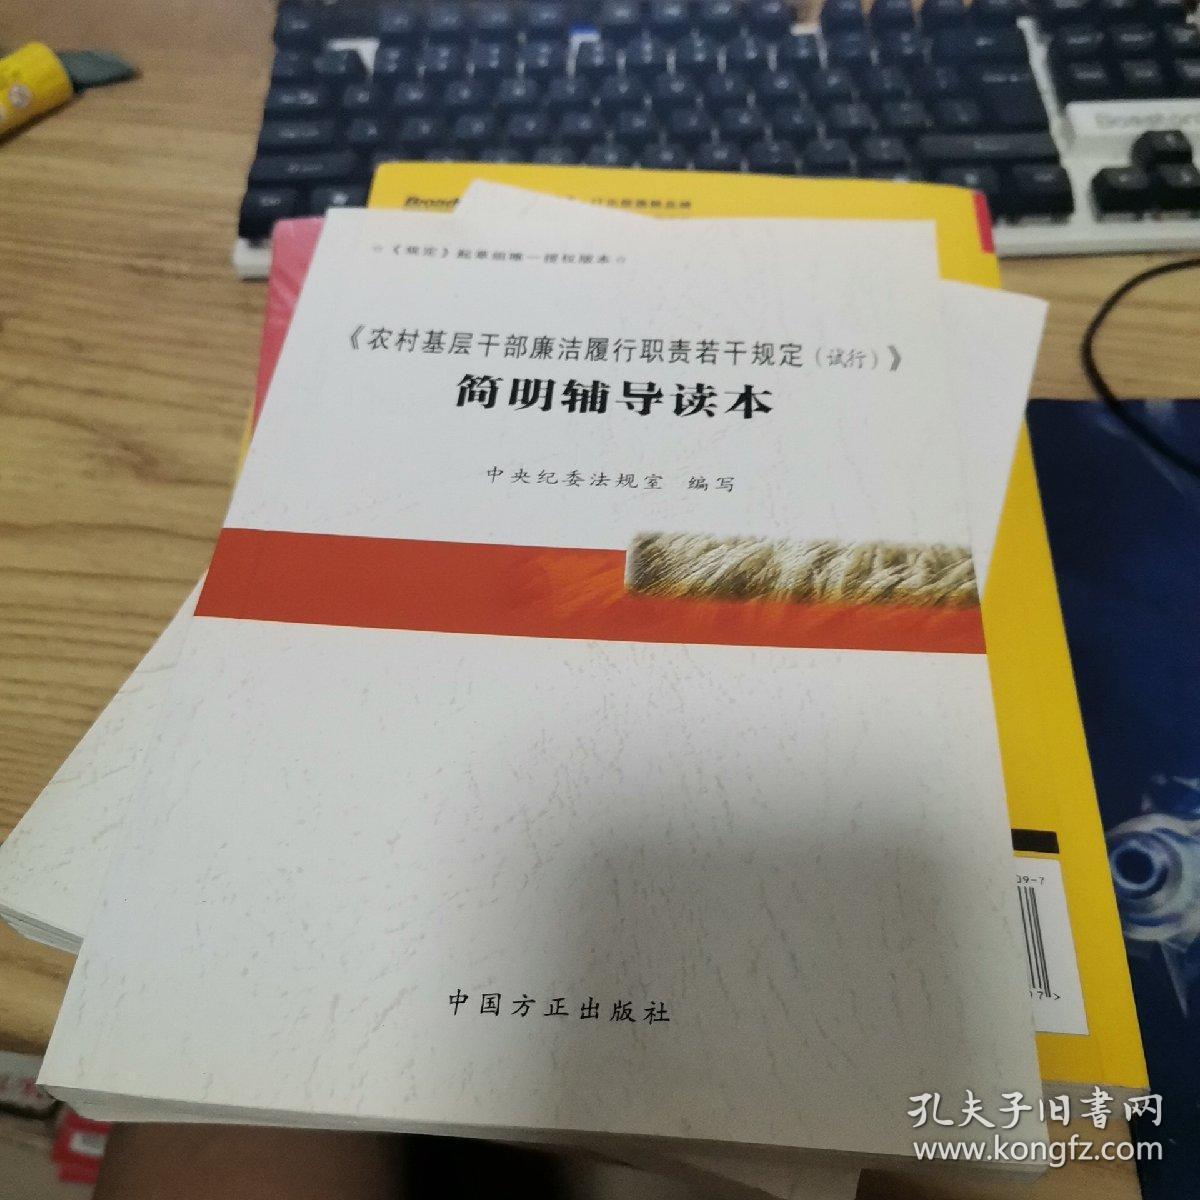 《农村基层干部廉洁履行职责若干规定(试行)》简明辅导读本